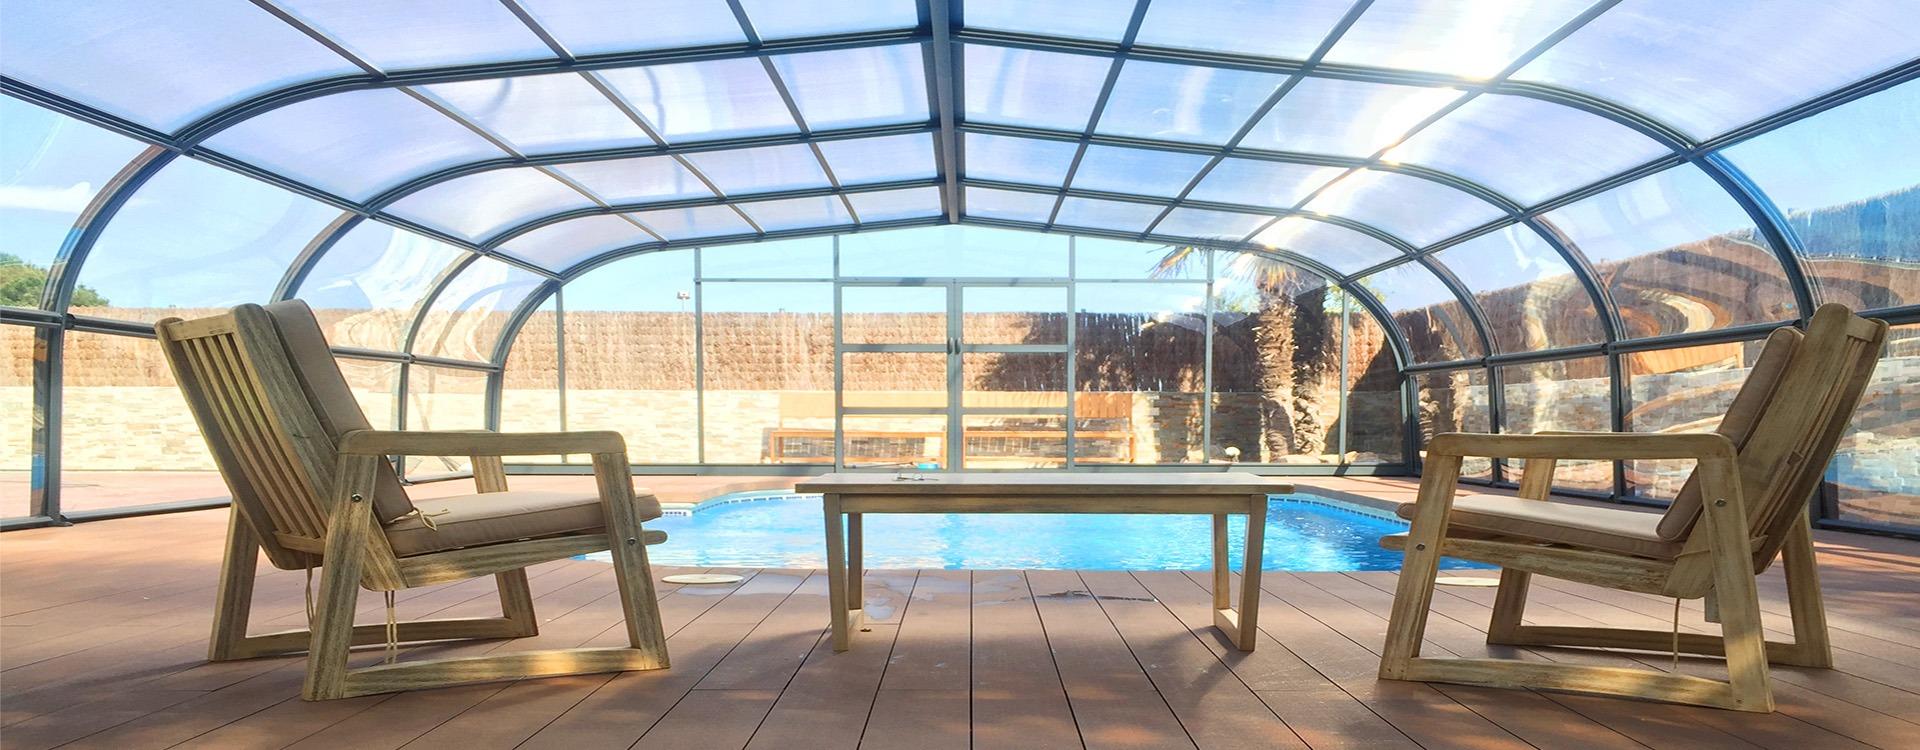 Cubierta piscina fija gris cubriland